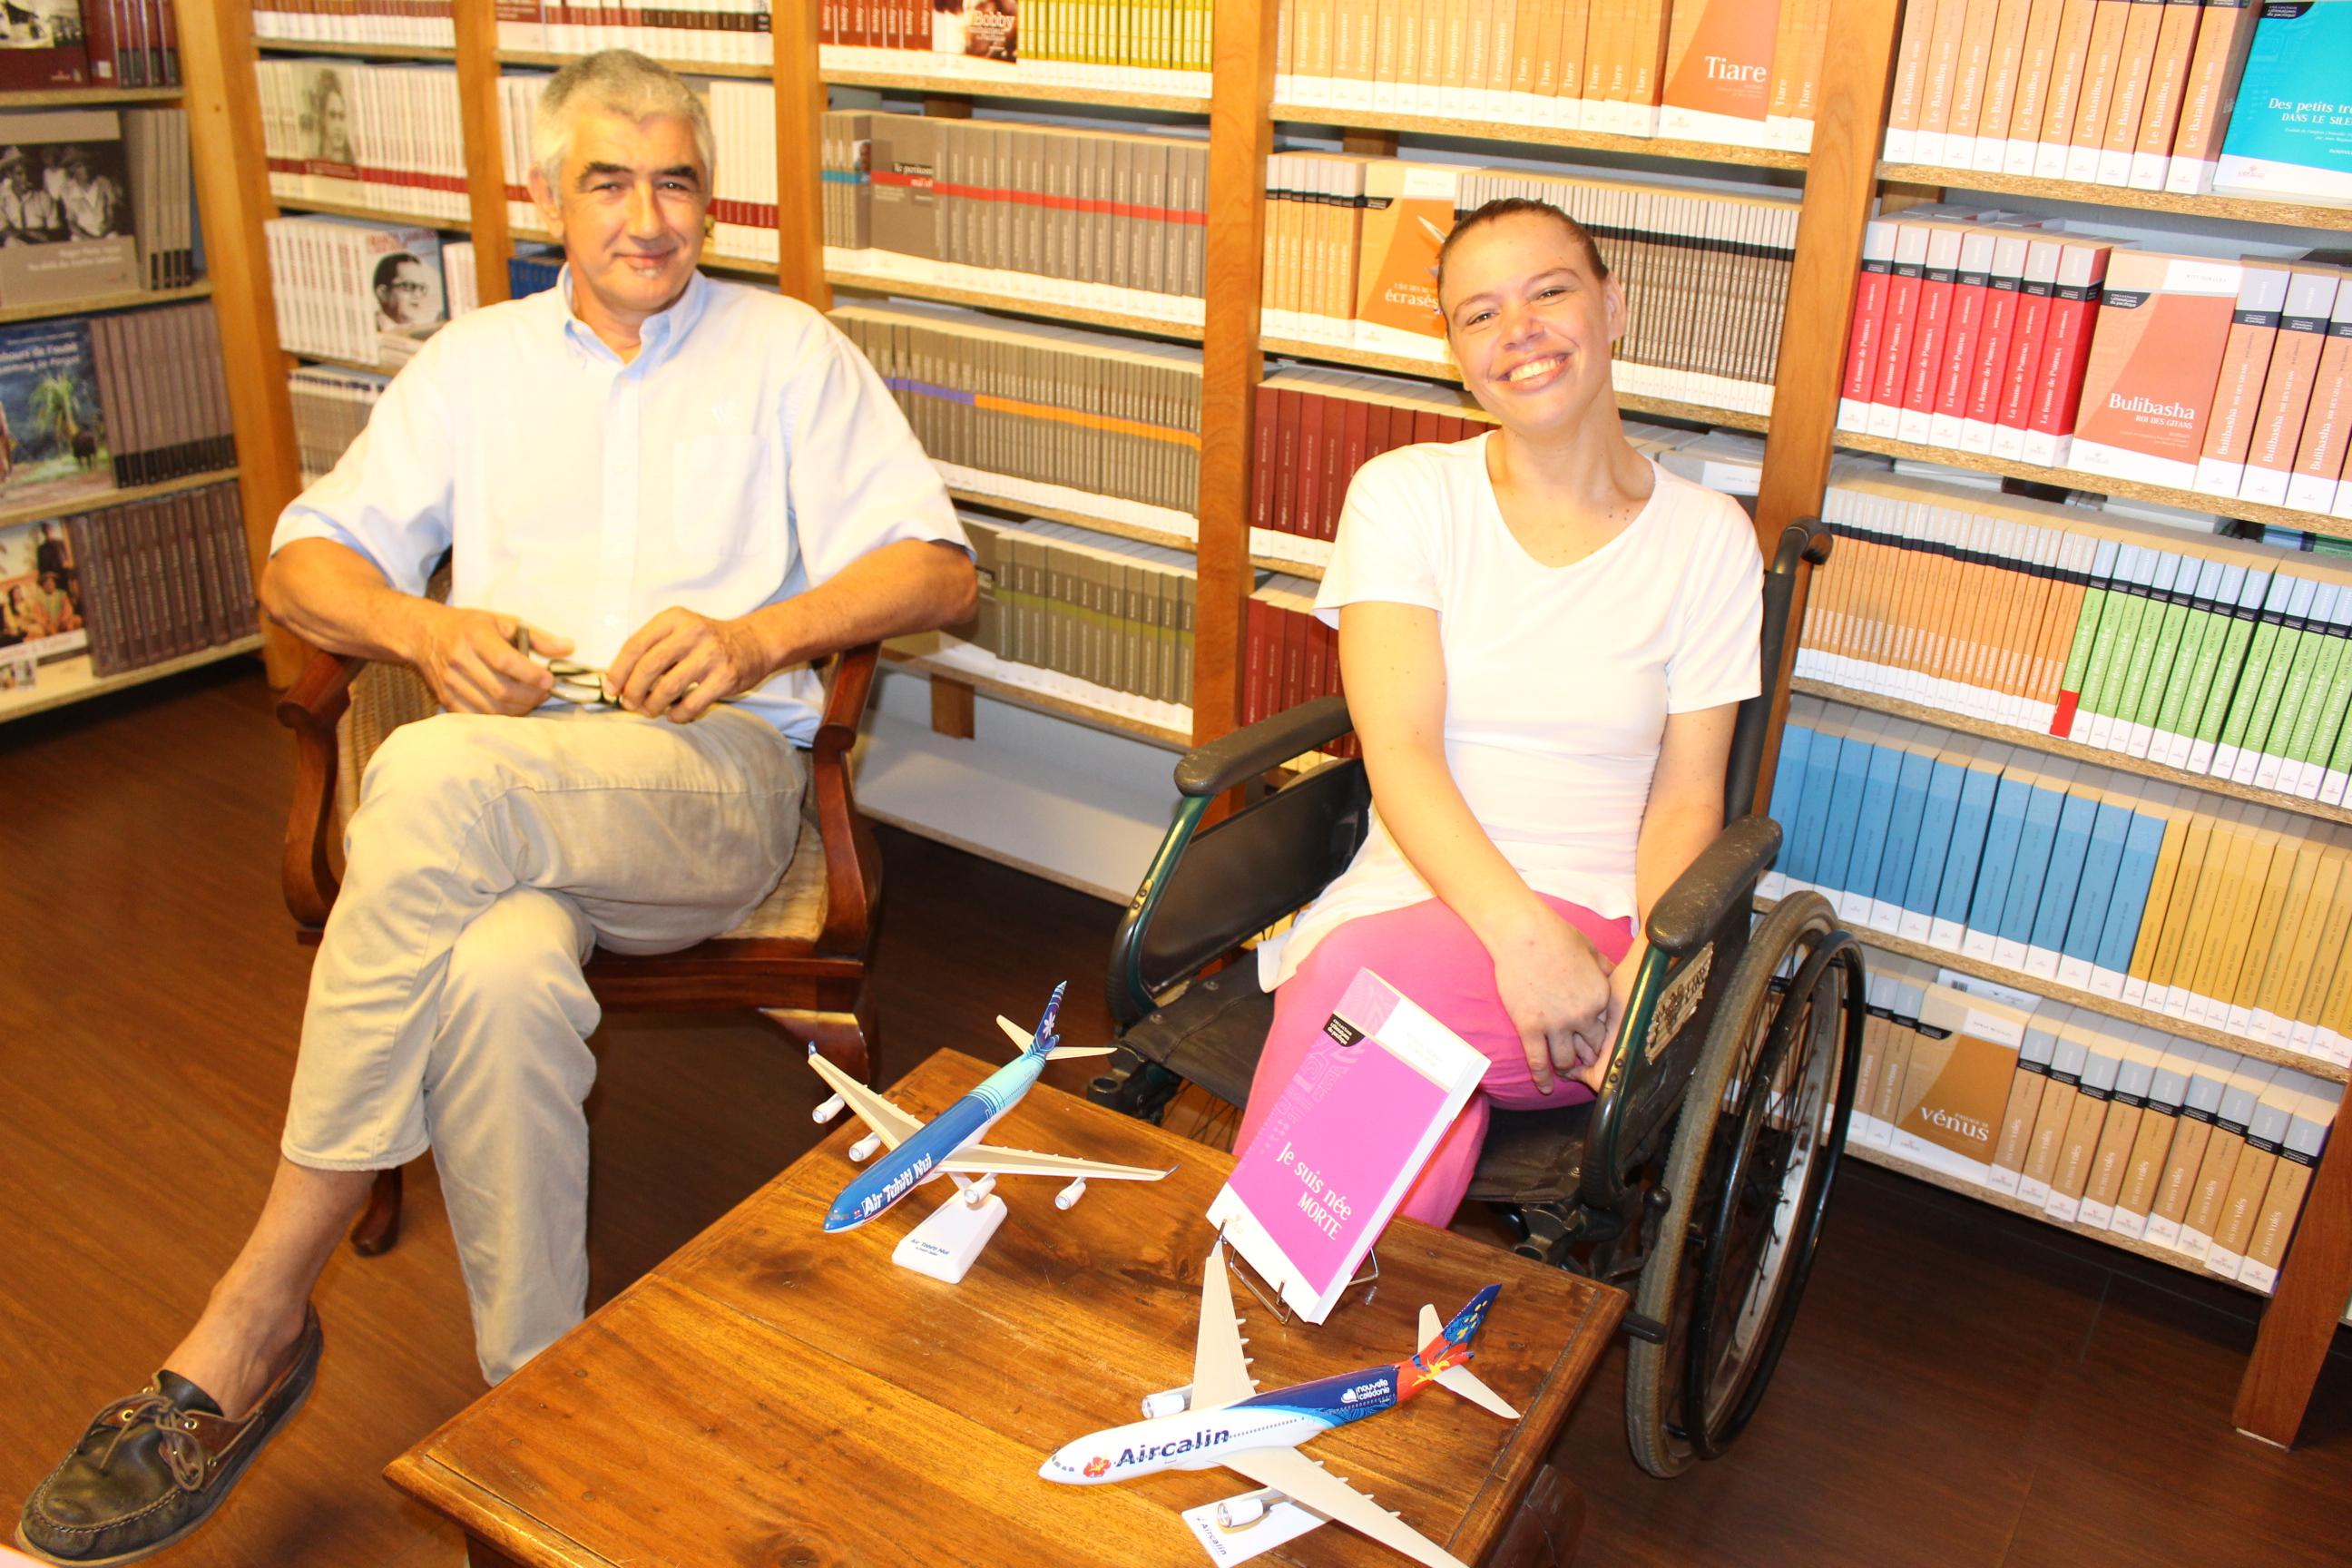 Le livre de Nathalie Salmon-Hudry primé en Nouvelle-Calédonie